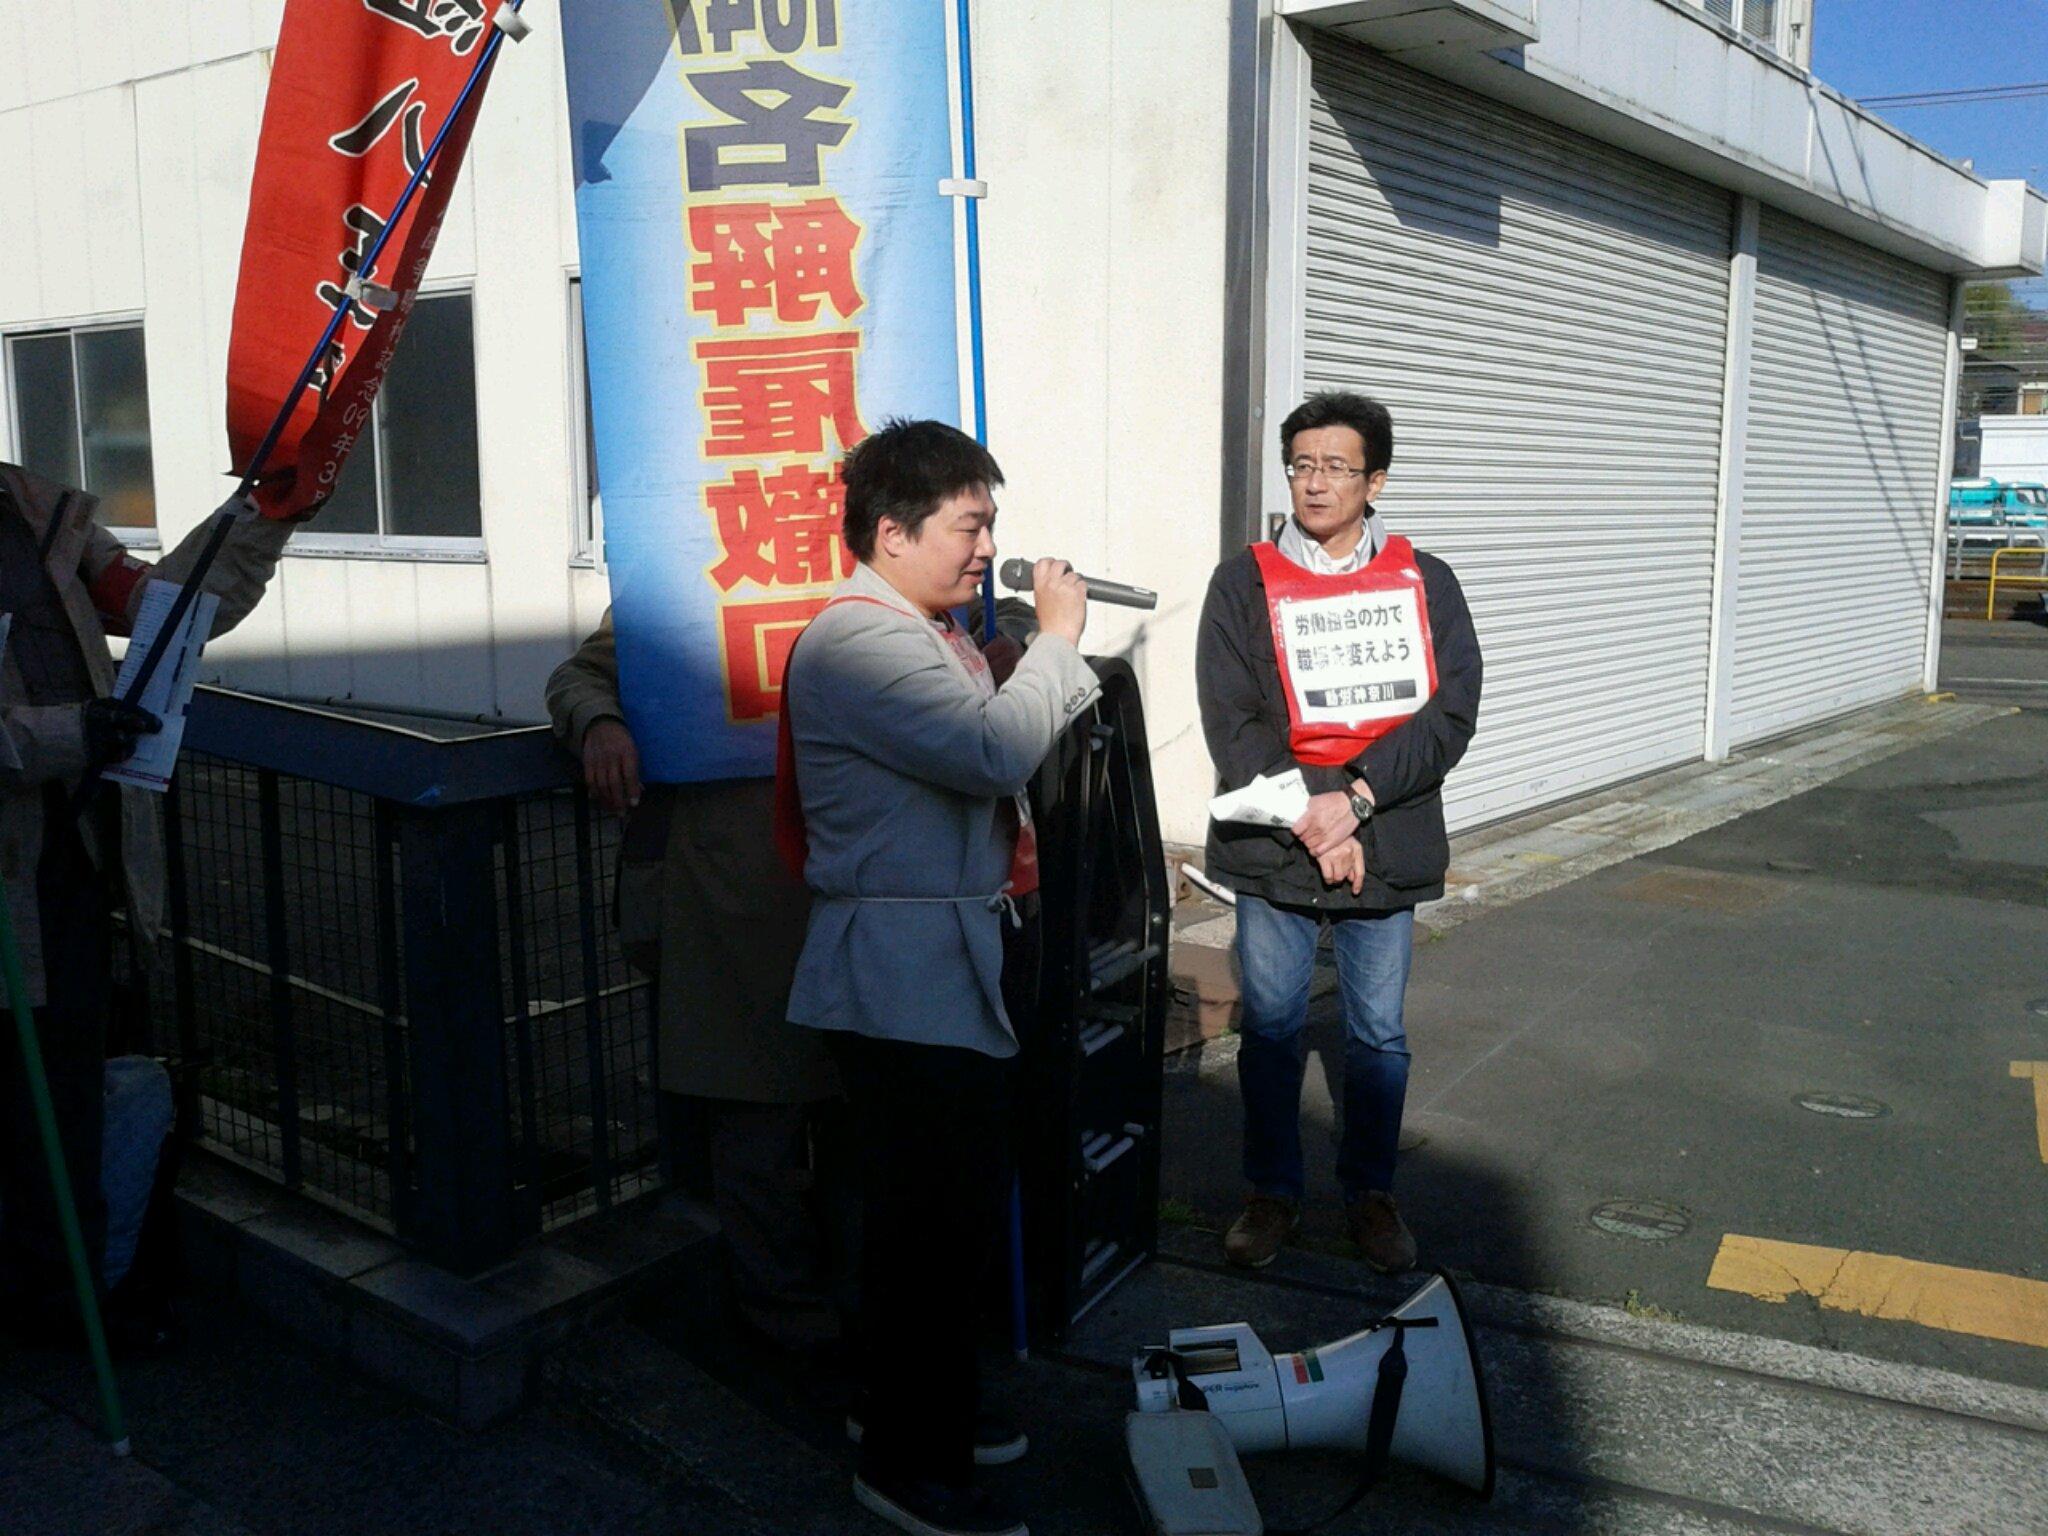 3月26日、動労神奈川・桑原組合員が24時間ストライキに決起_d0155415_1034718.jpg